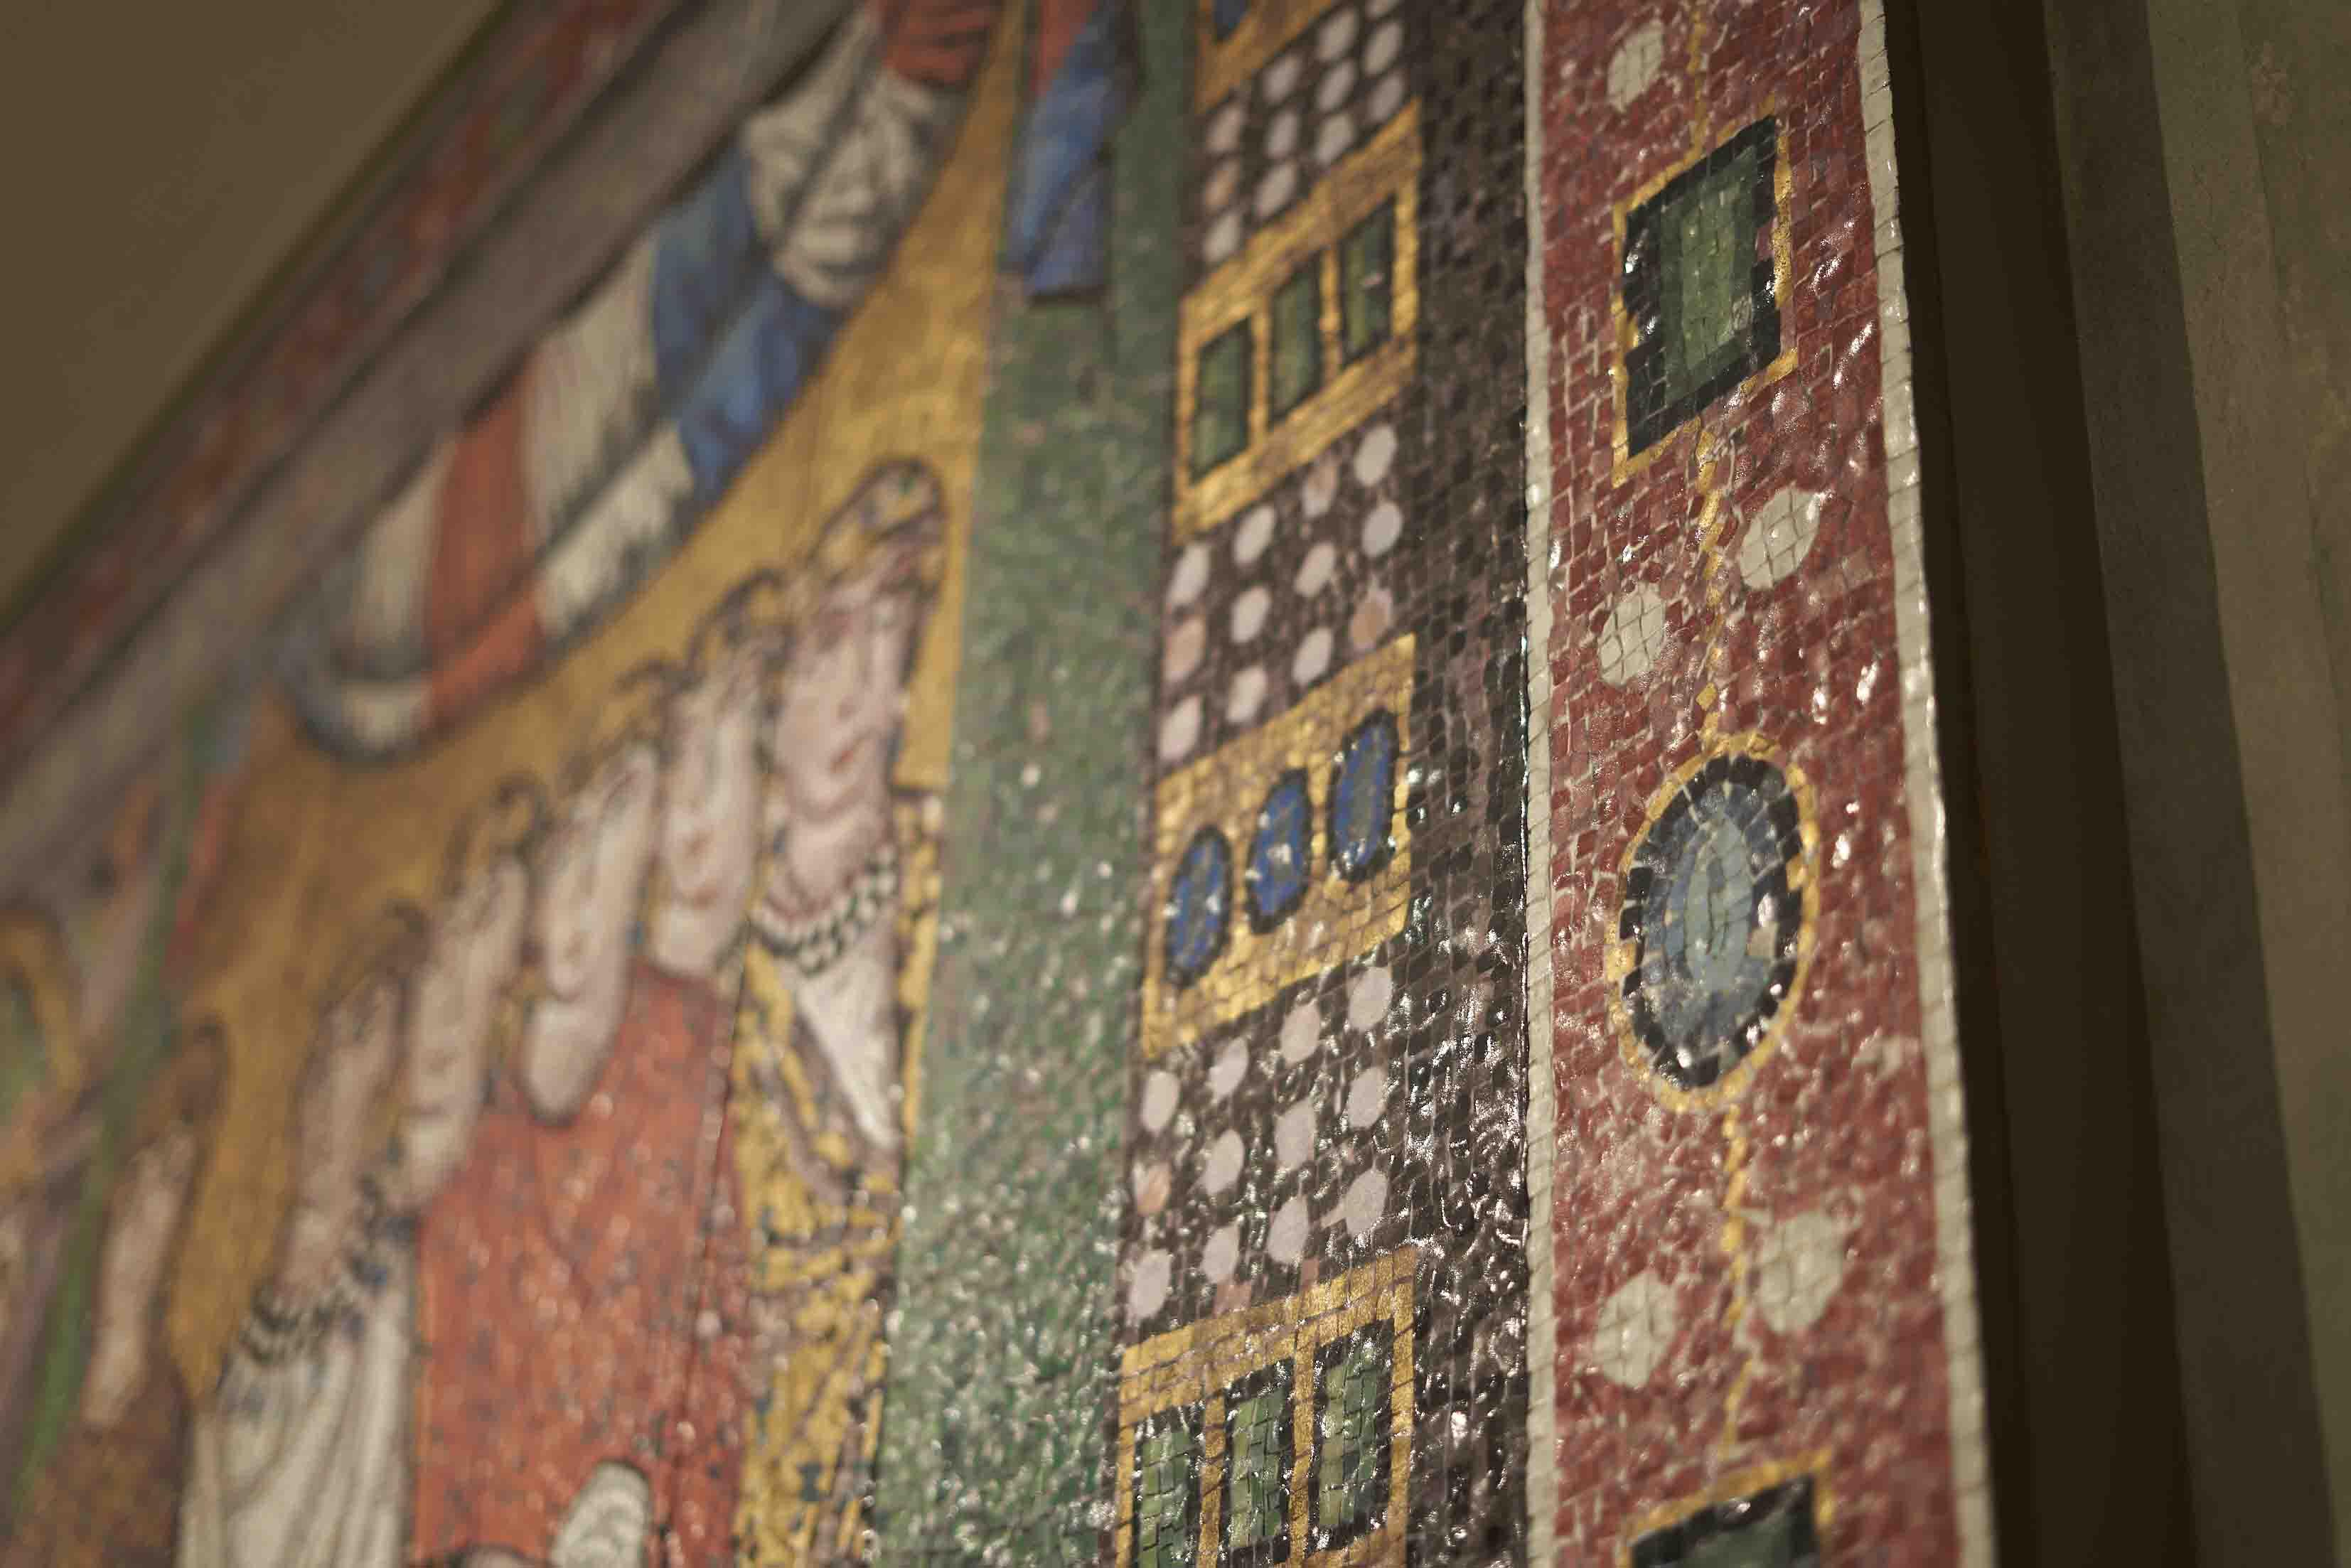 サン・ヴィターレ聖堂 ラヴェンナ「皇妃テオドラと侍女たち」